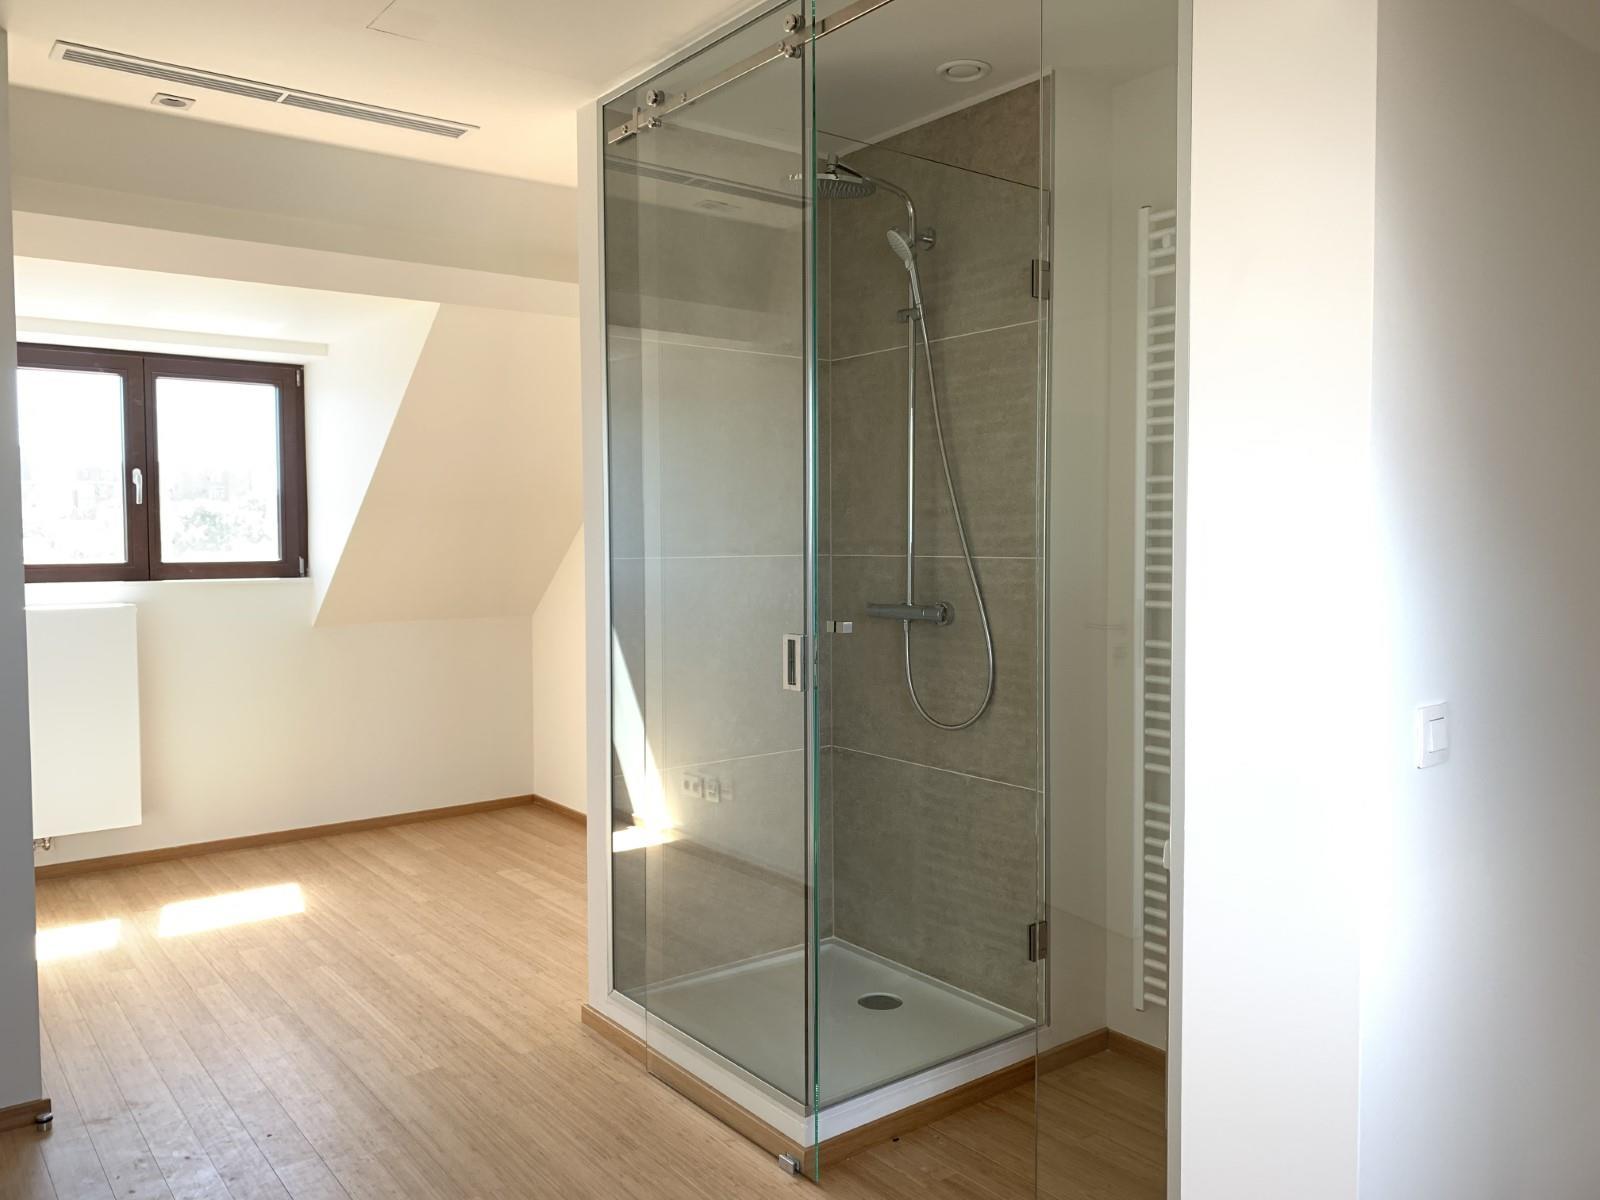 Duplex - Ixelles - #3850070-5